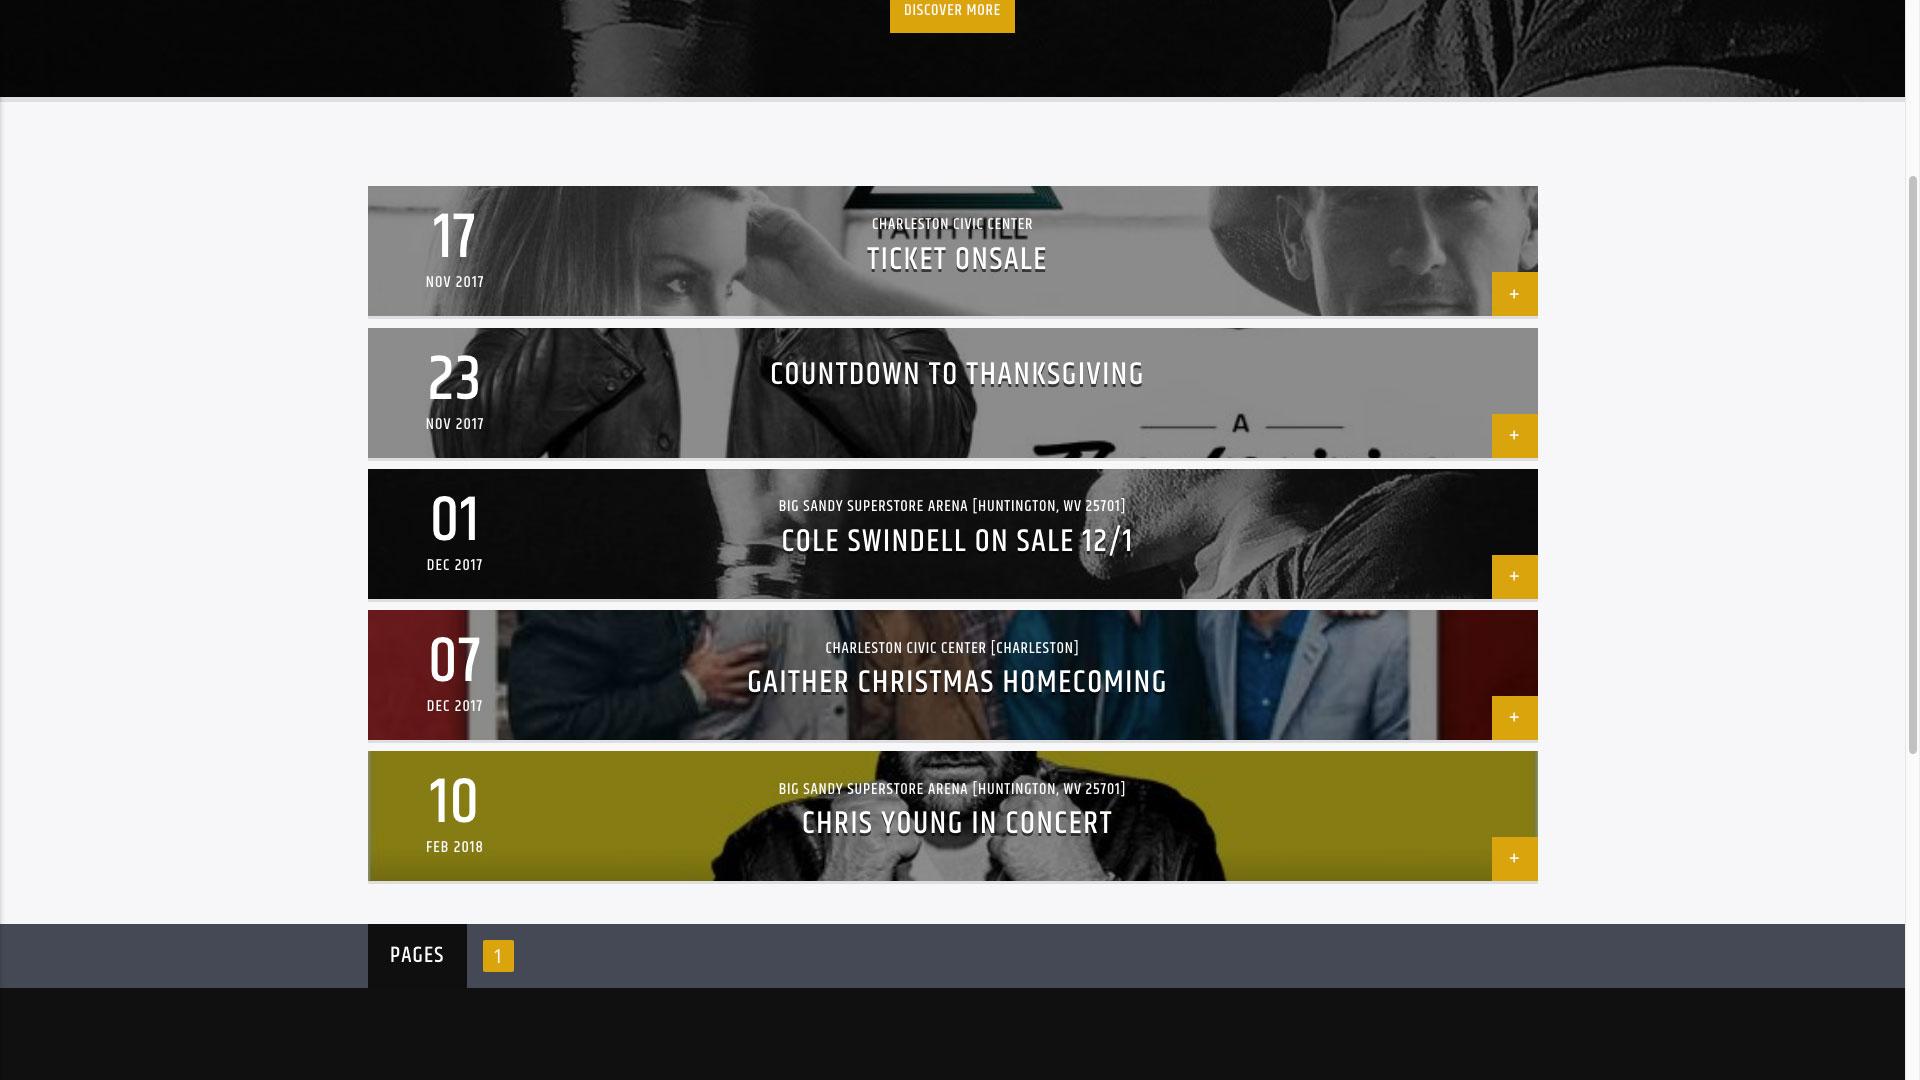 wtnj-events-web-design